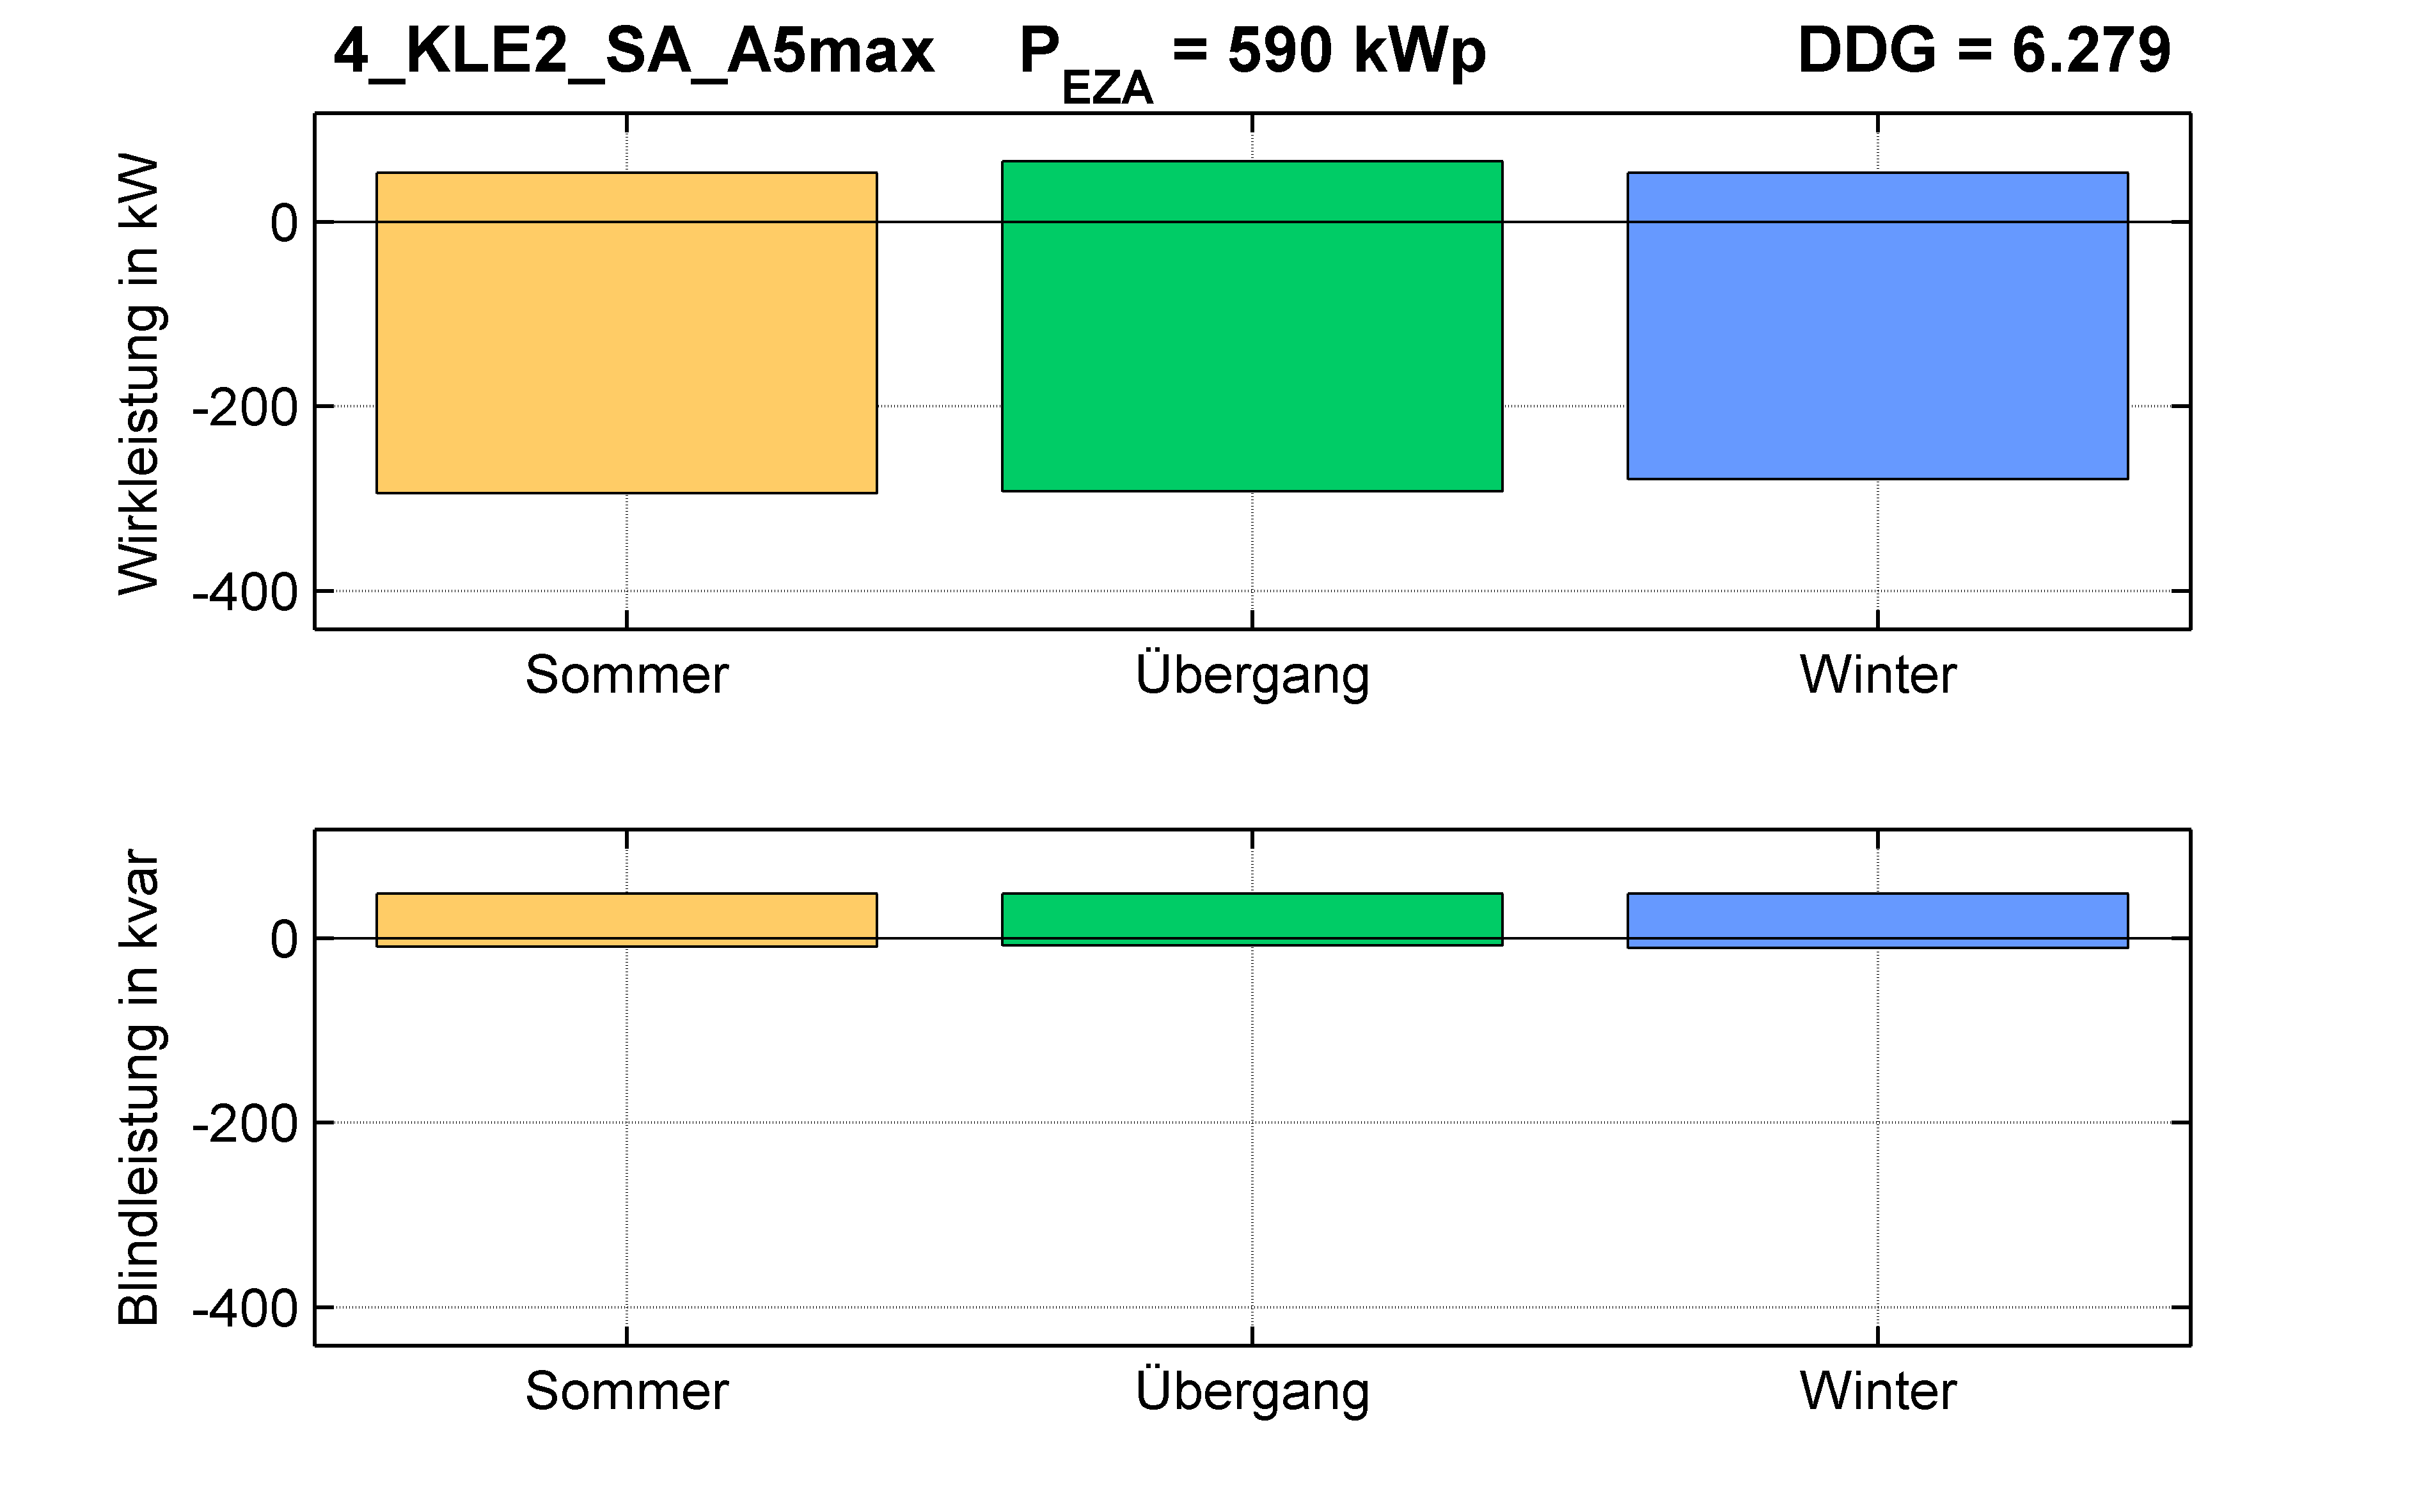 KLE2 | P-Kappung 55% (SA) A5max | PQ-Bilanz